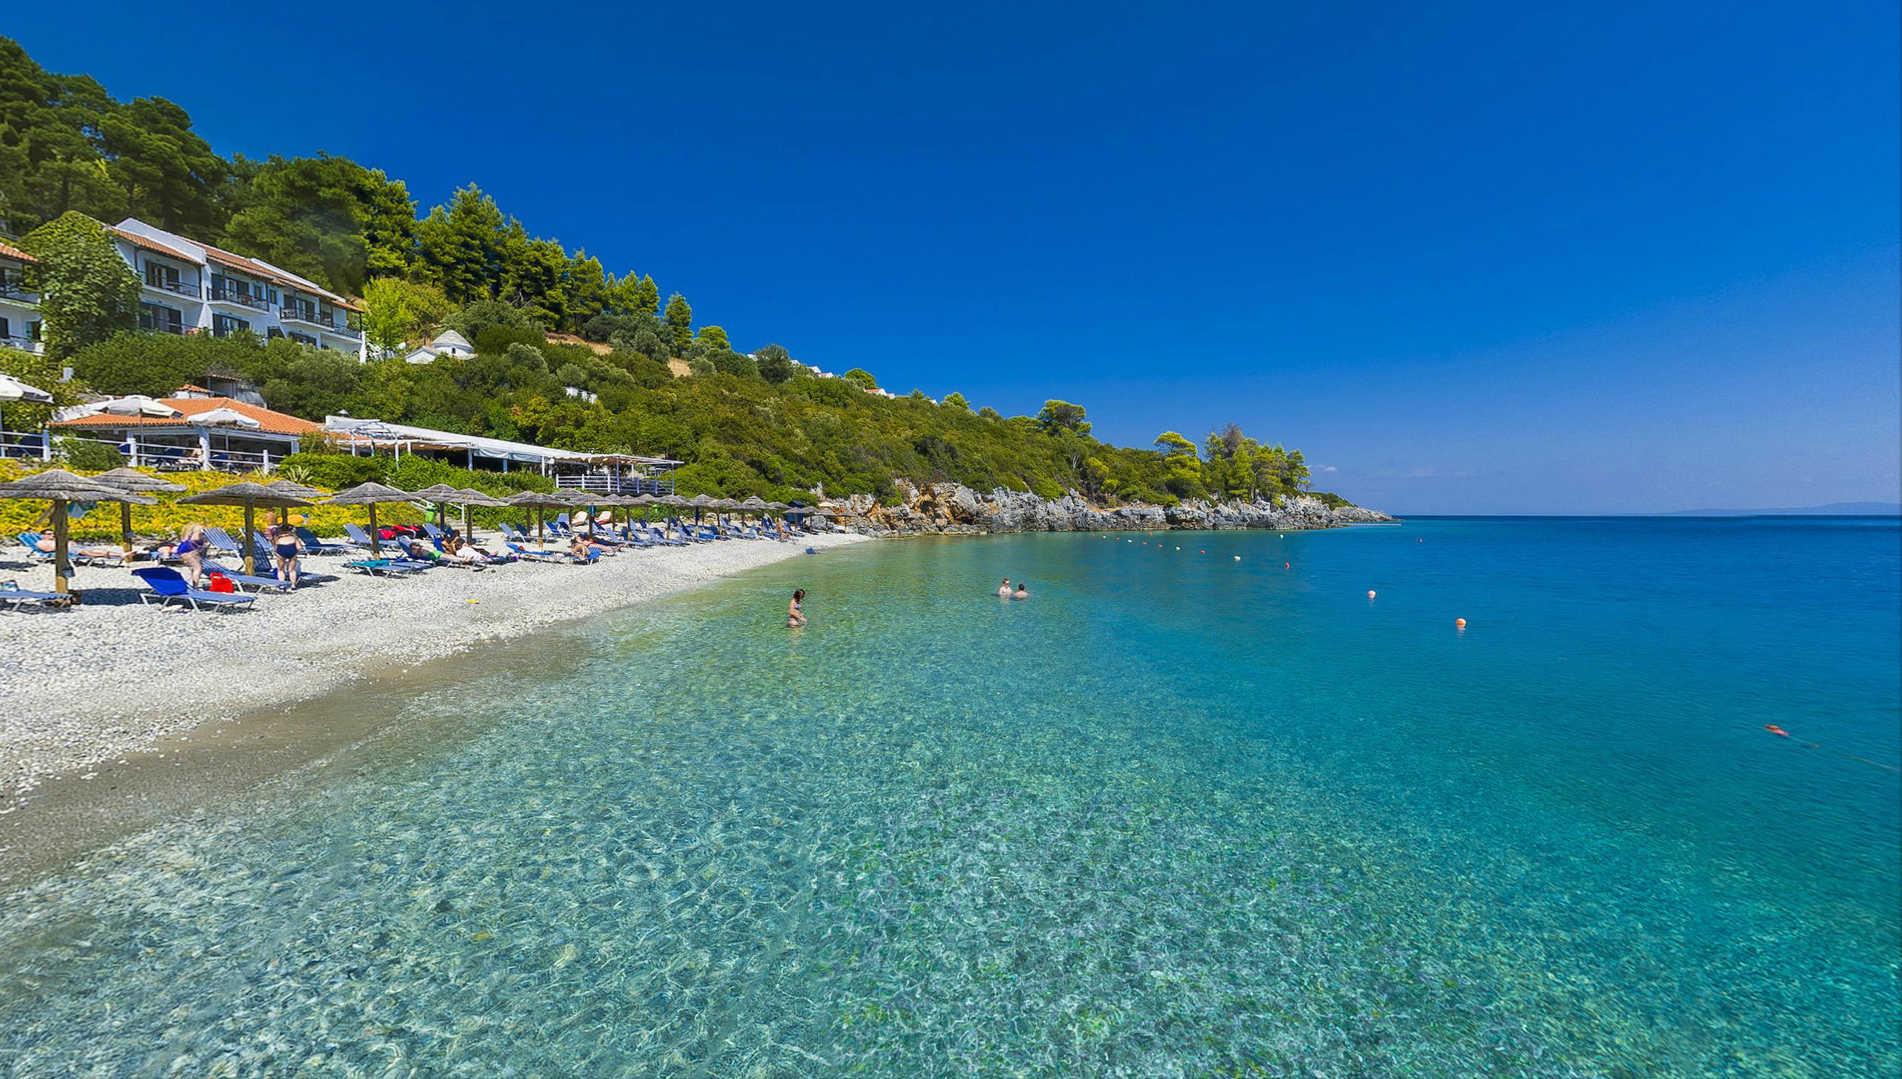 Пляж Миртос (Mirtos Beach) – Греция